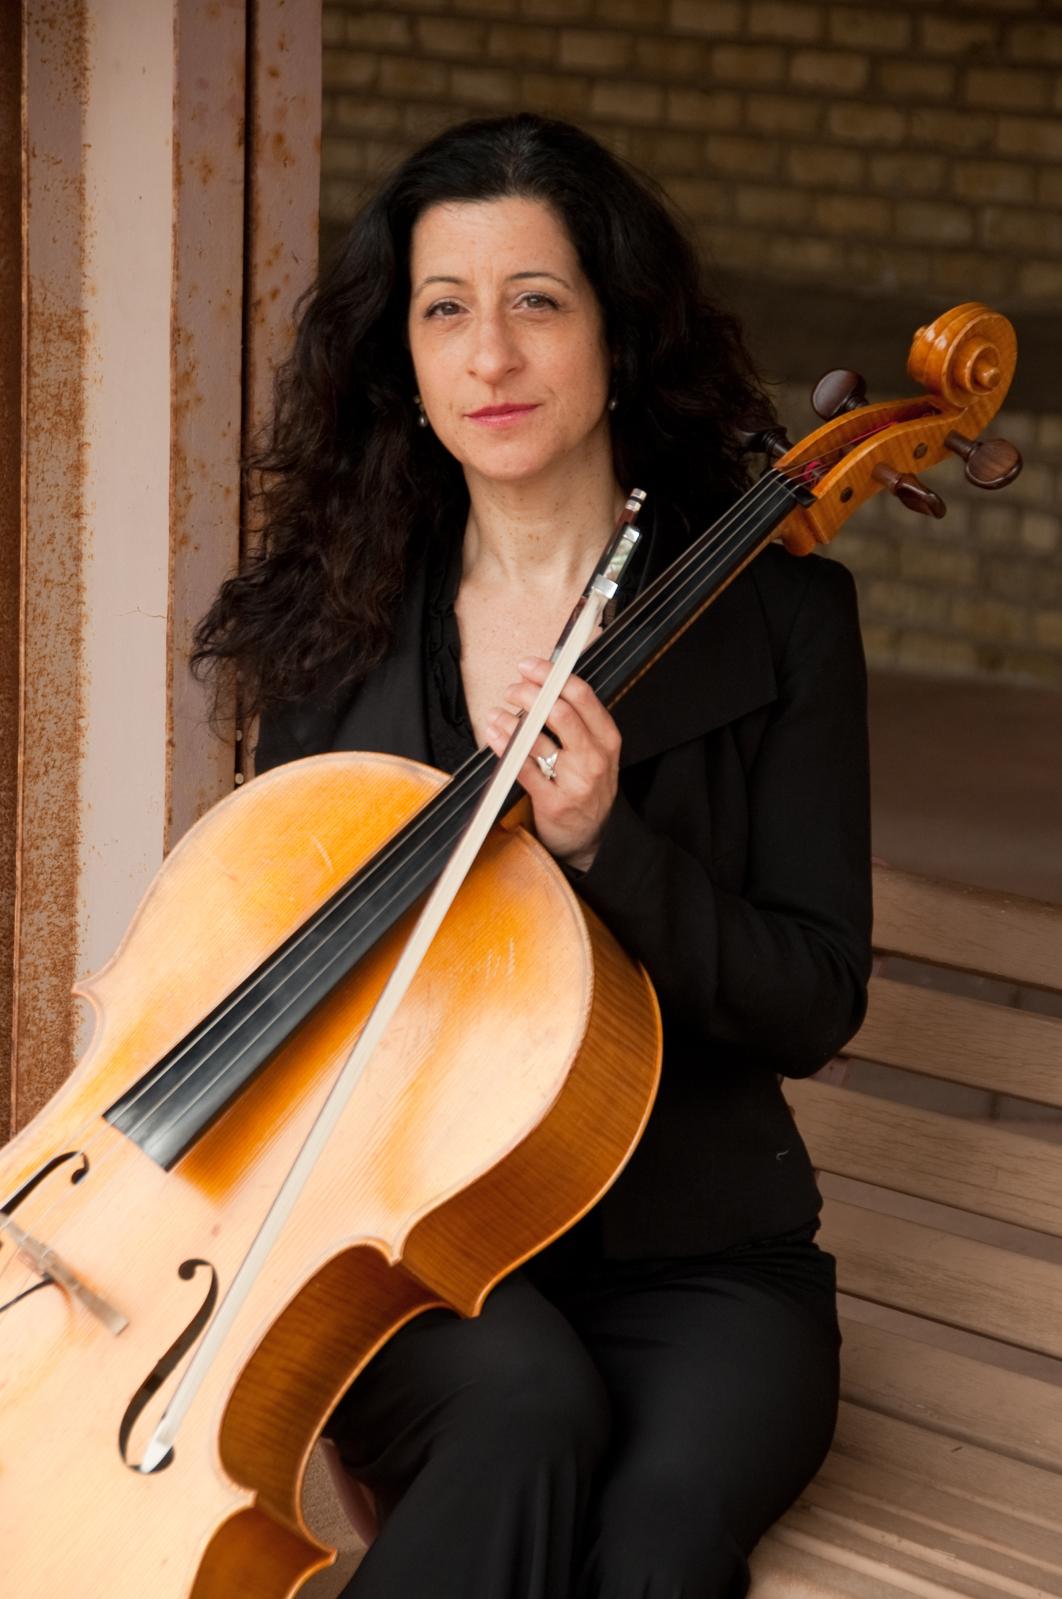 Jacqueline Ultan, Musician